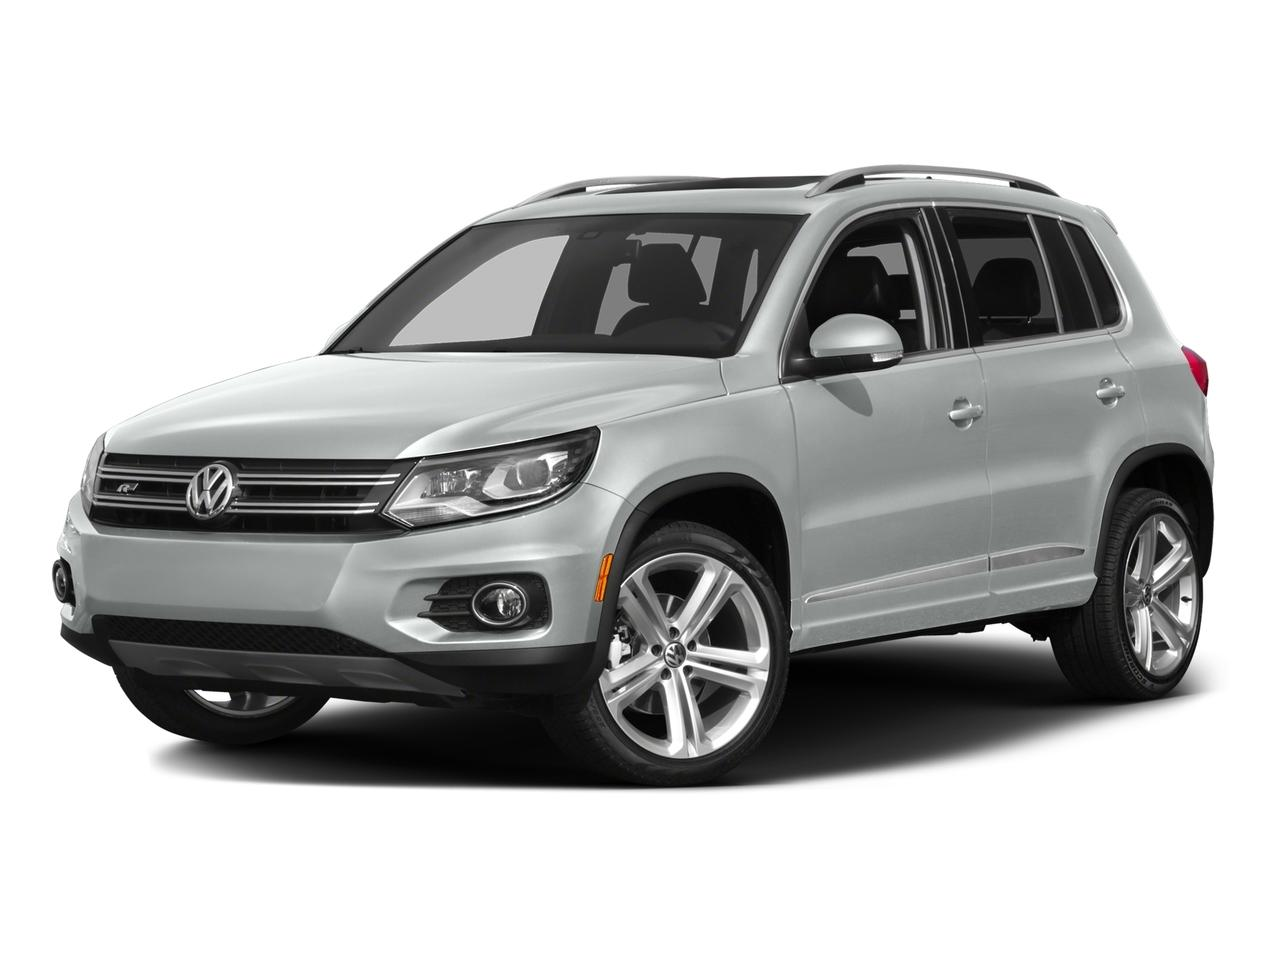 2016 Volkswagen Tiguan Vehicle Photo in San Antonio, TX 78257